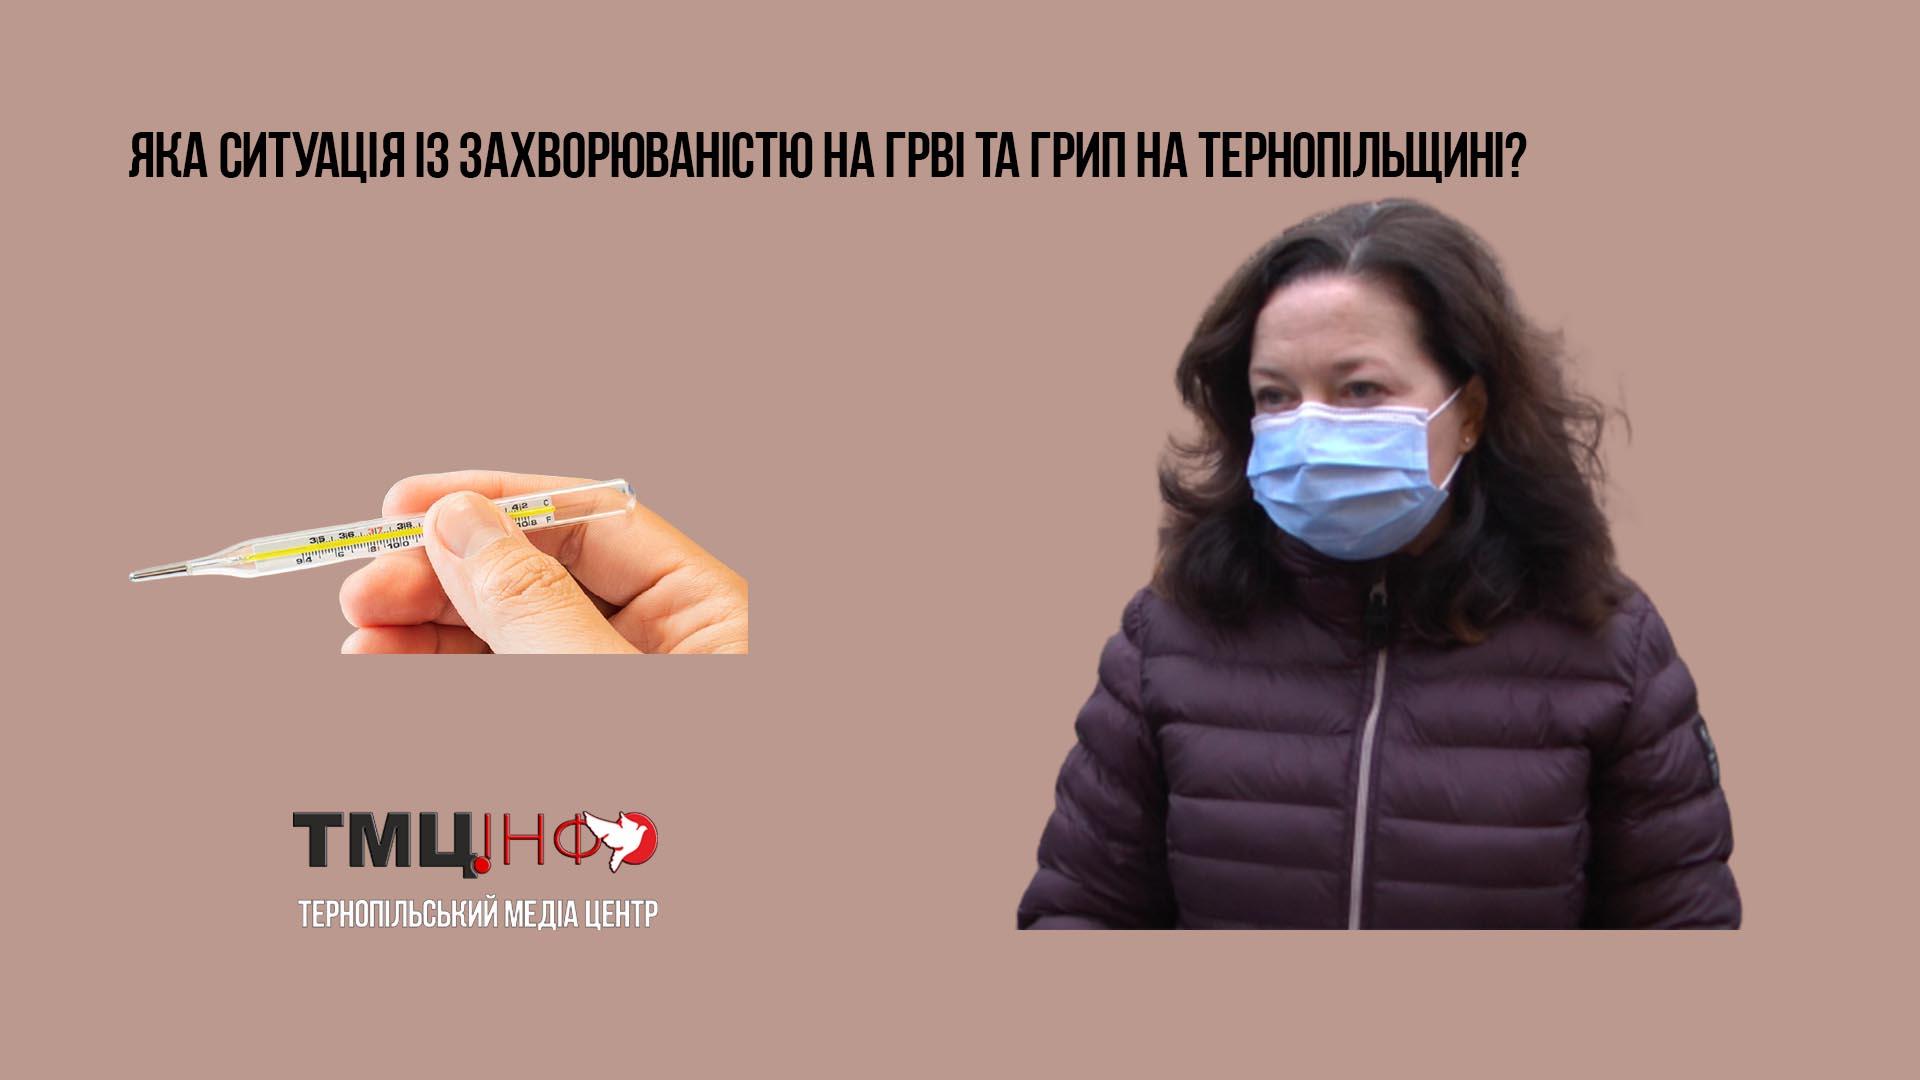 Яка ситуація із захворюваністю на ГРВІ та грип на Тернопільщині?